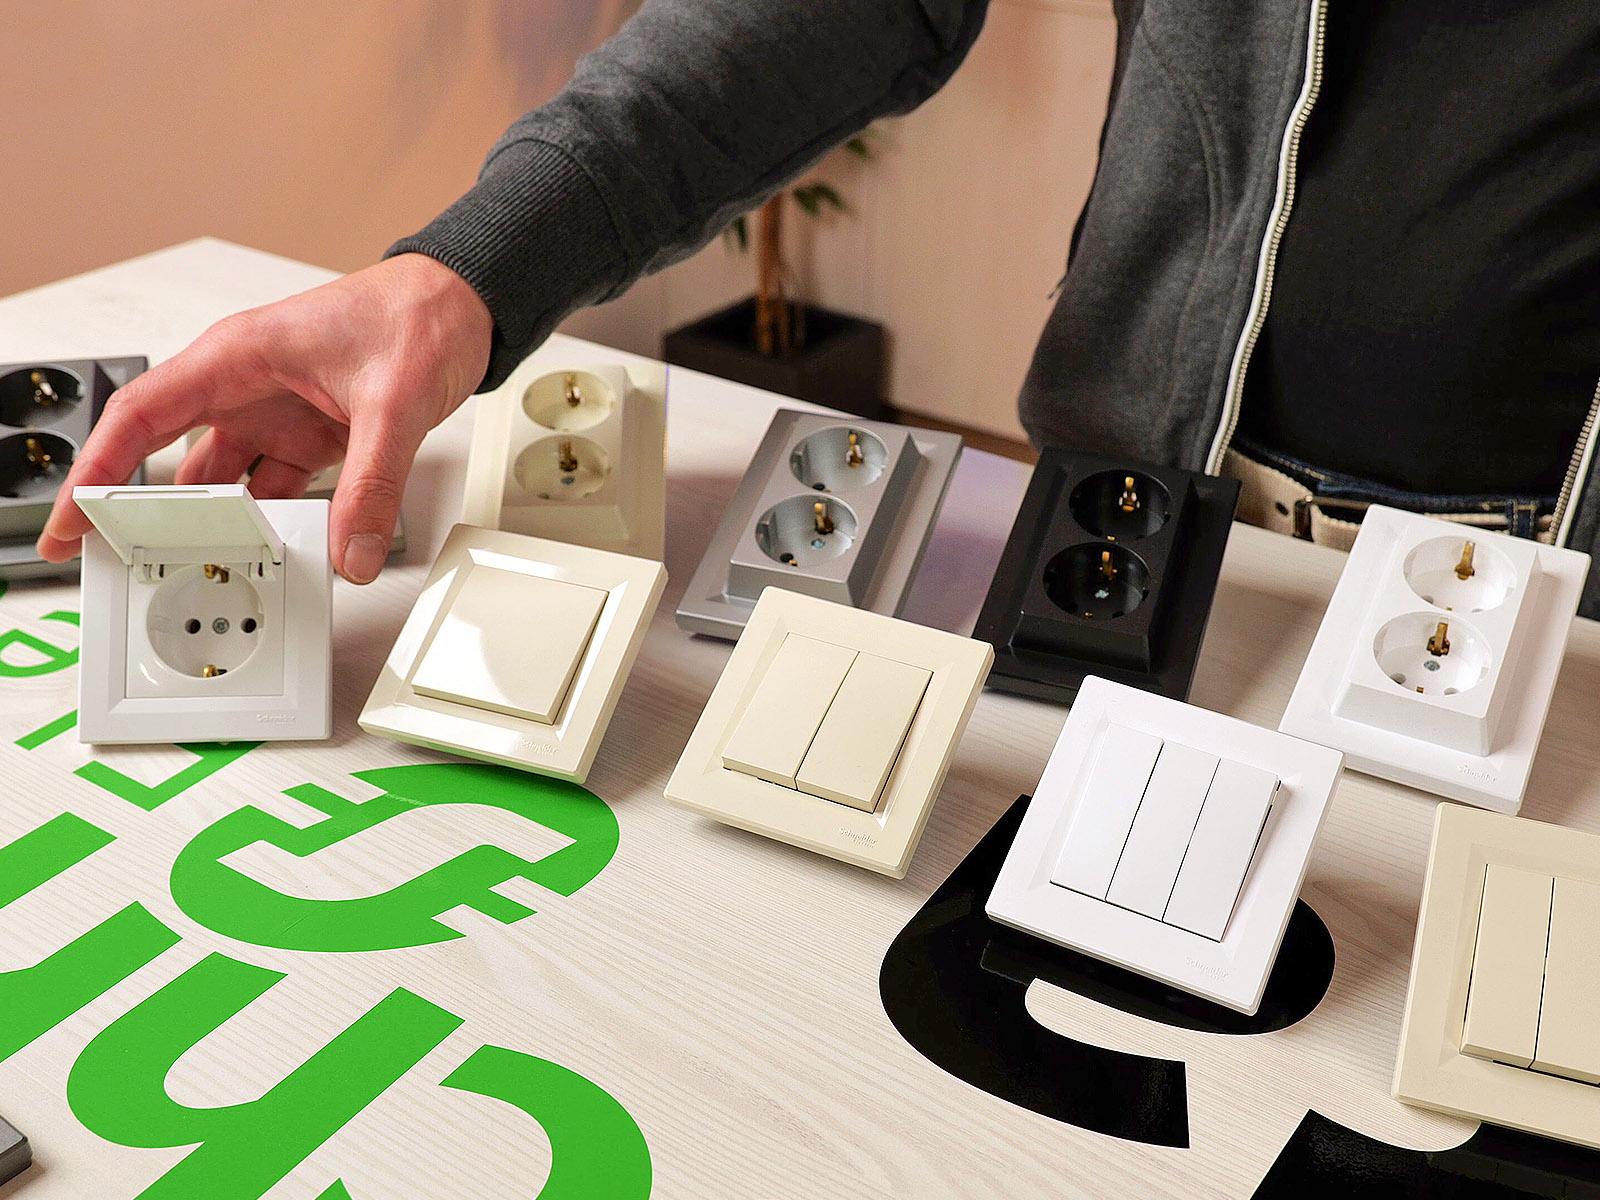 Villanykapcsoló és dugalj kompletten - mert a legtöbb háztartásba ebből kell a legtöbb!